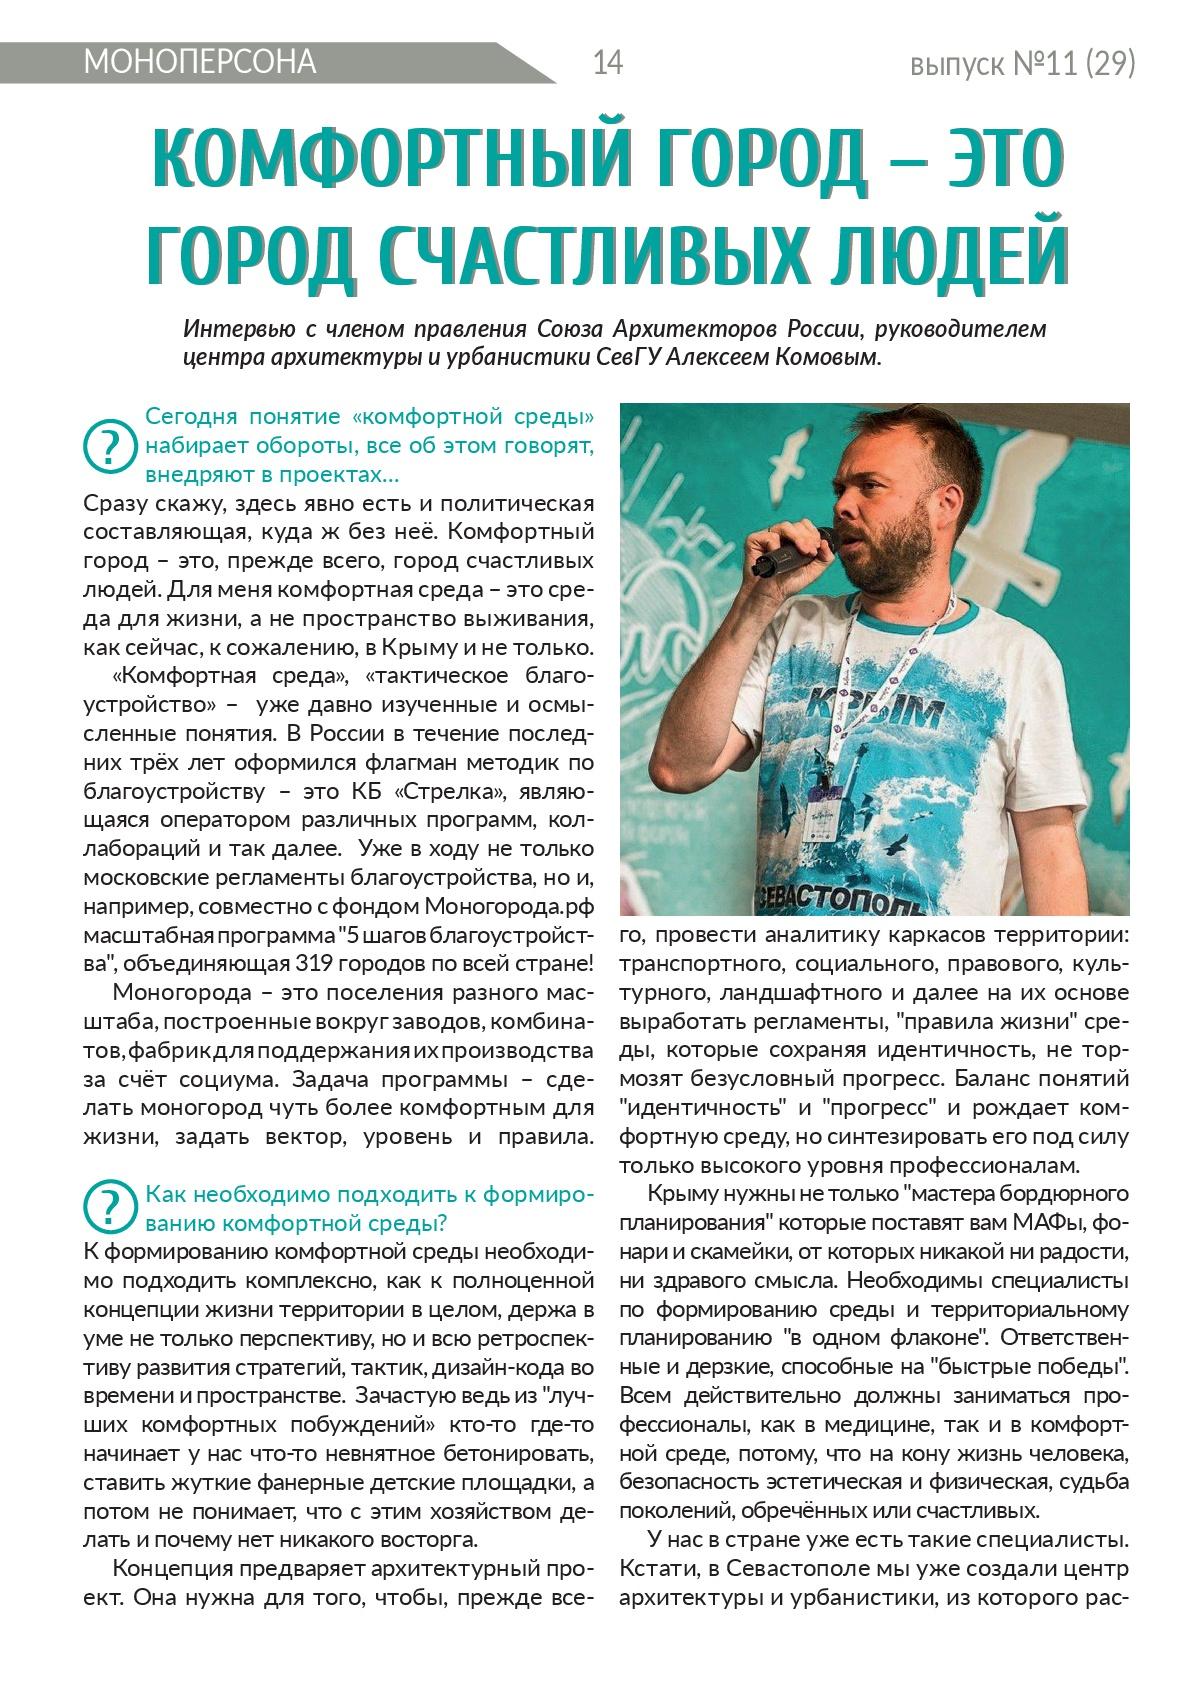 Алексей Комов: «Комфортный город — это город счастливых людей»